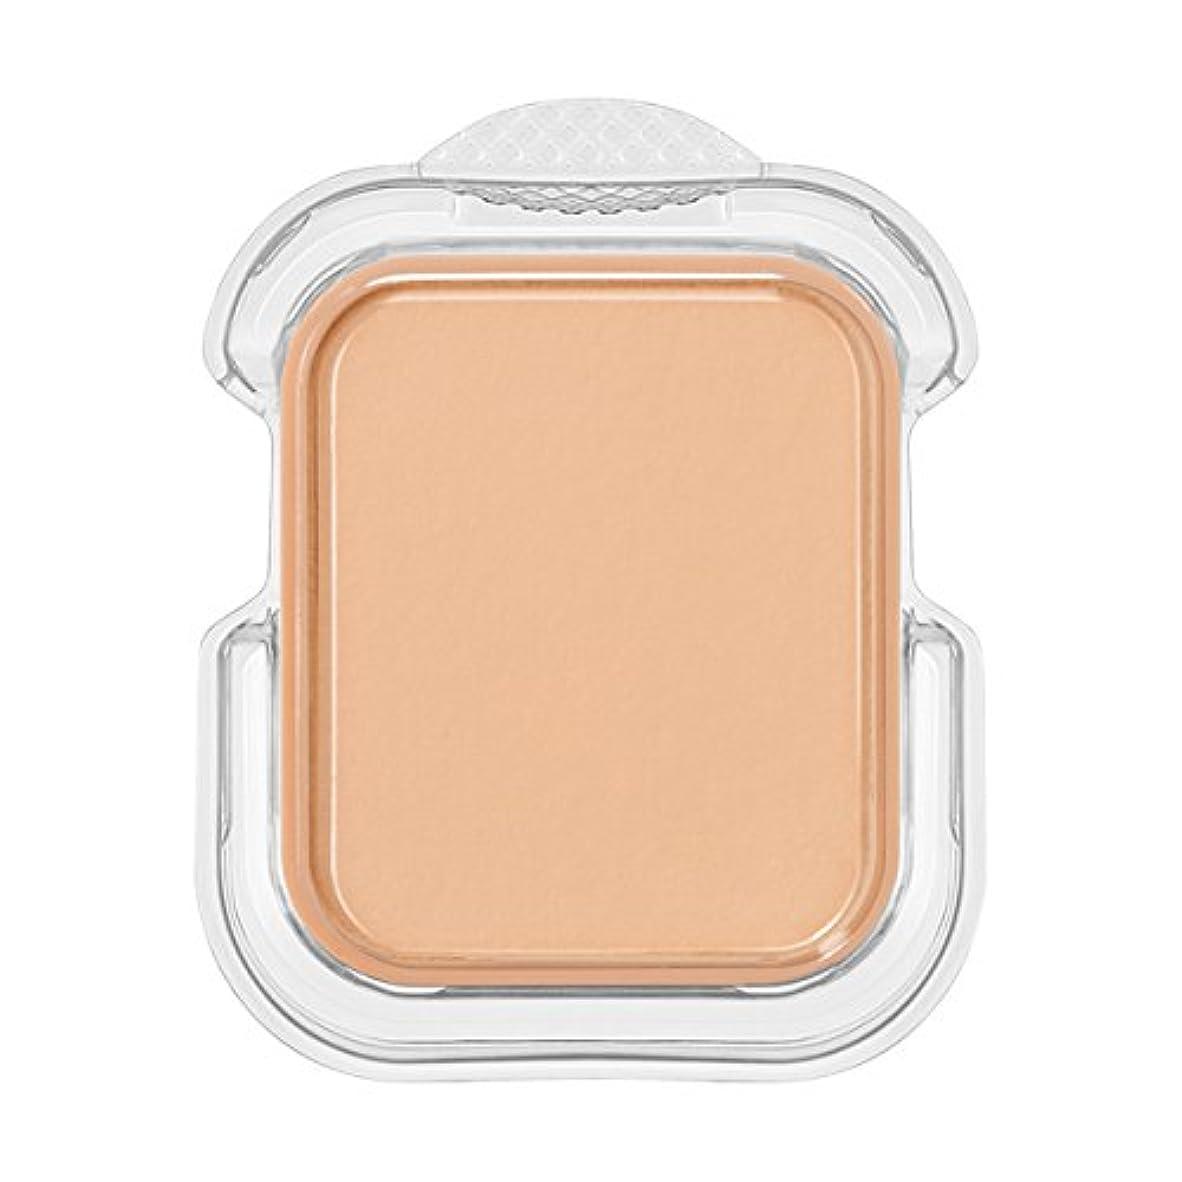 ボタン汚染する家主エリクシール スキンアップ パウダリーパクト ピンクオークル10 (レフィル) 11g